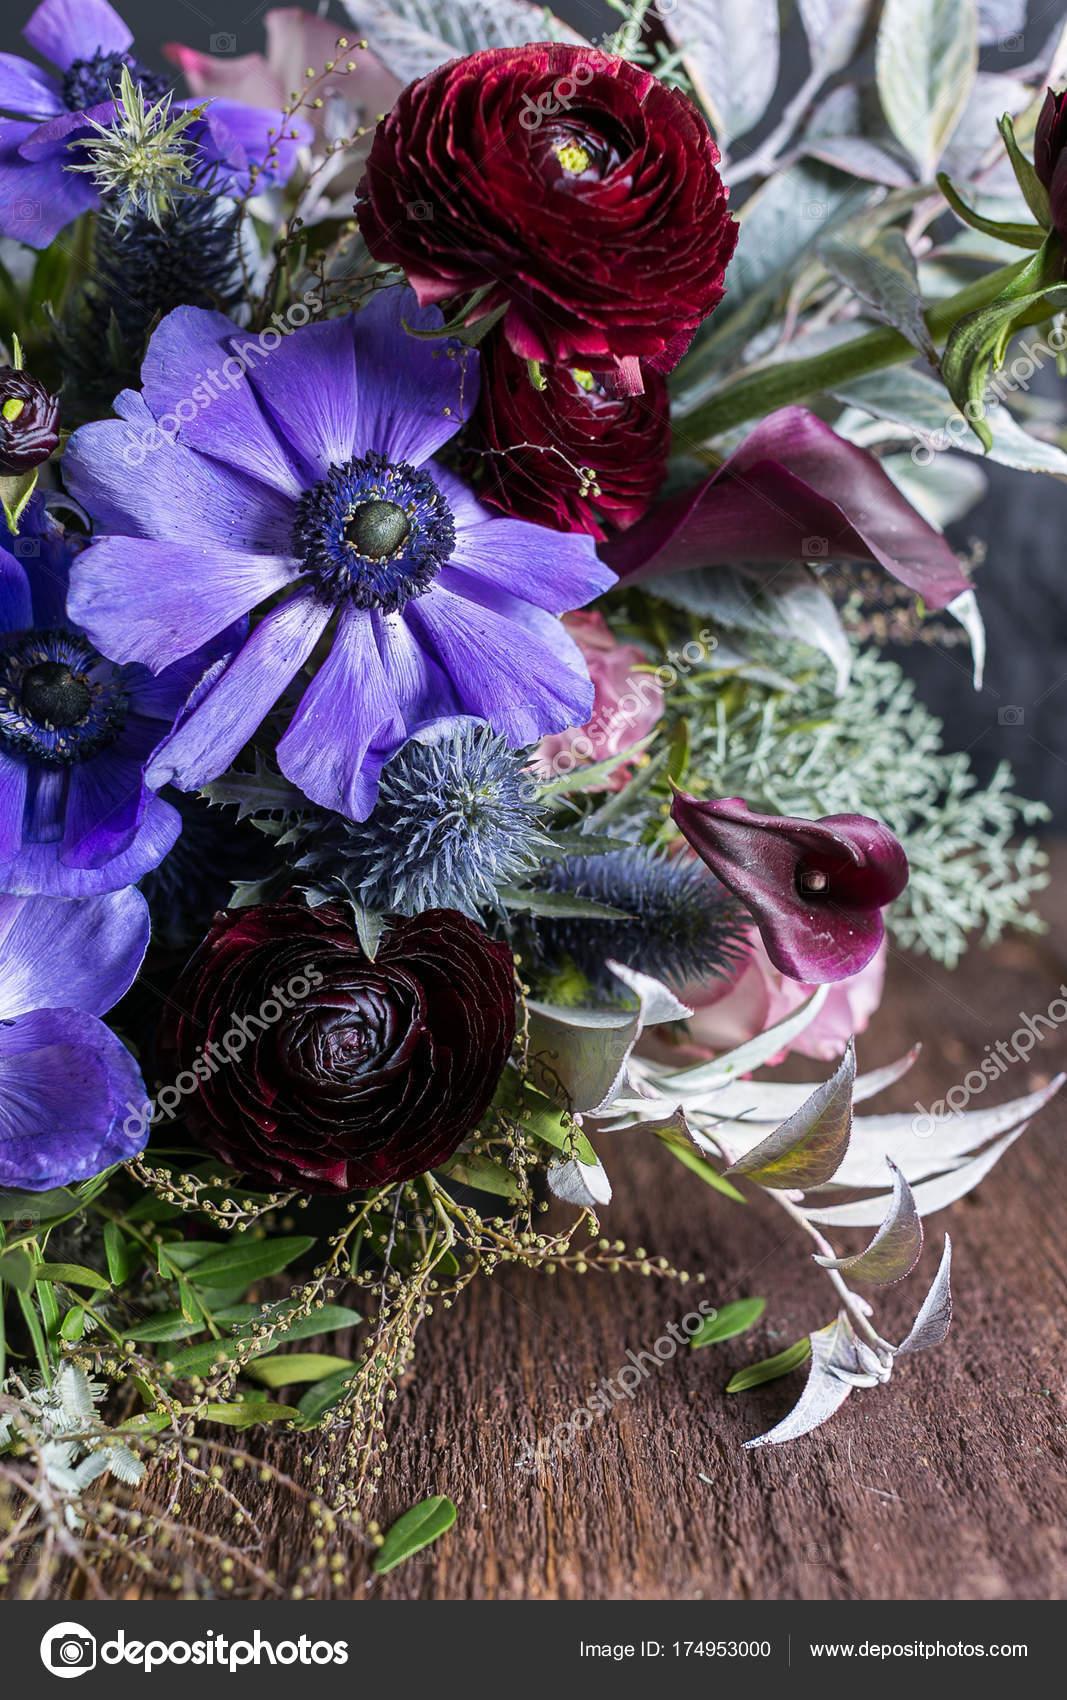 Priroda Neha Svatebni Dekorace Naprosto Jine Kvetiny Pri